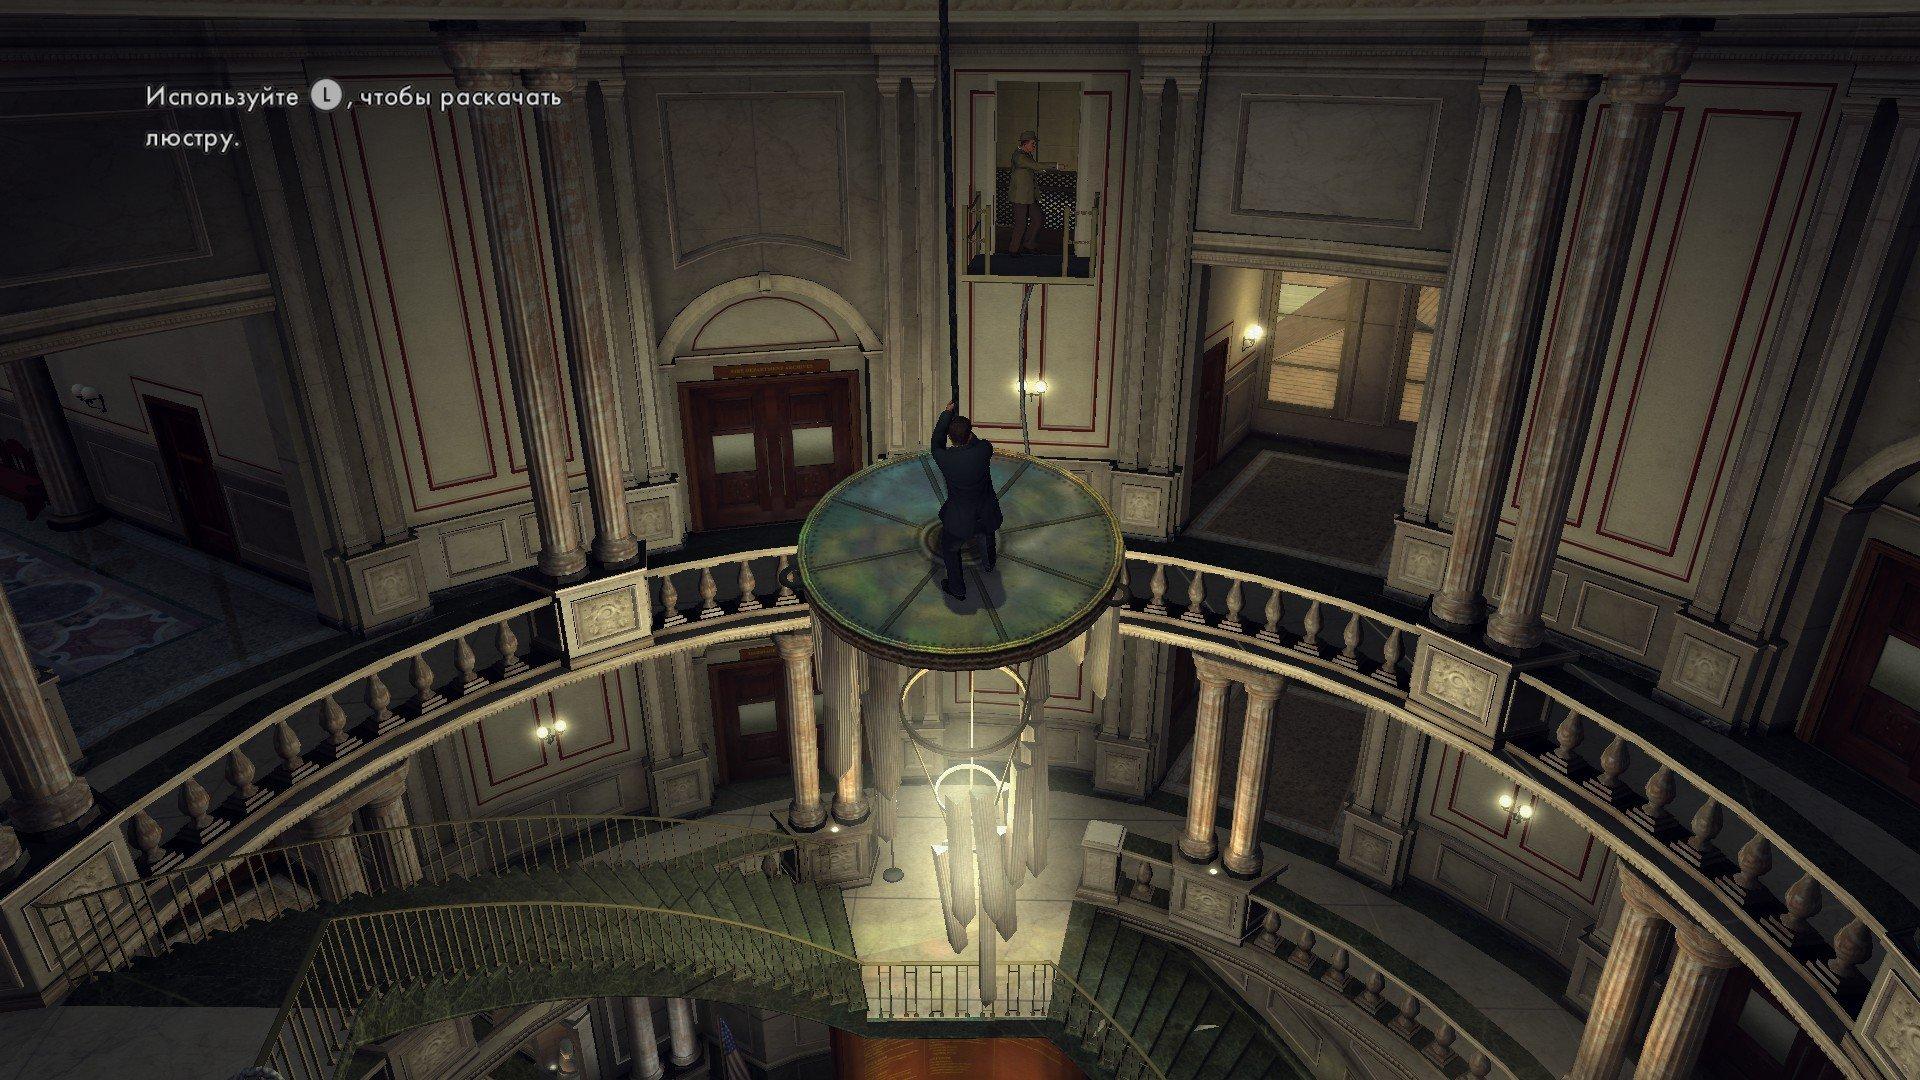 Пост-прохождение L.A. Noire Часть 13 - Изображение 20